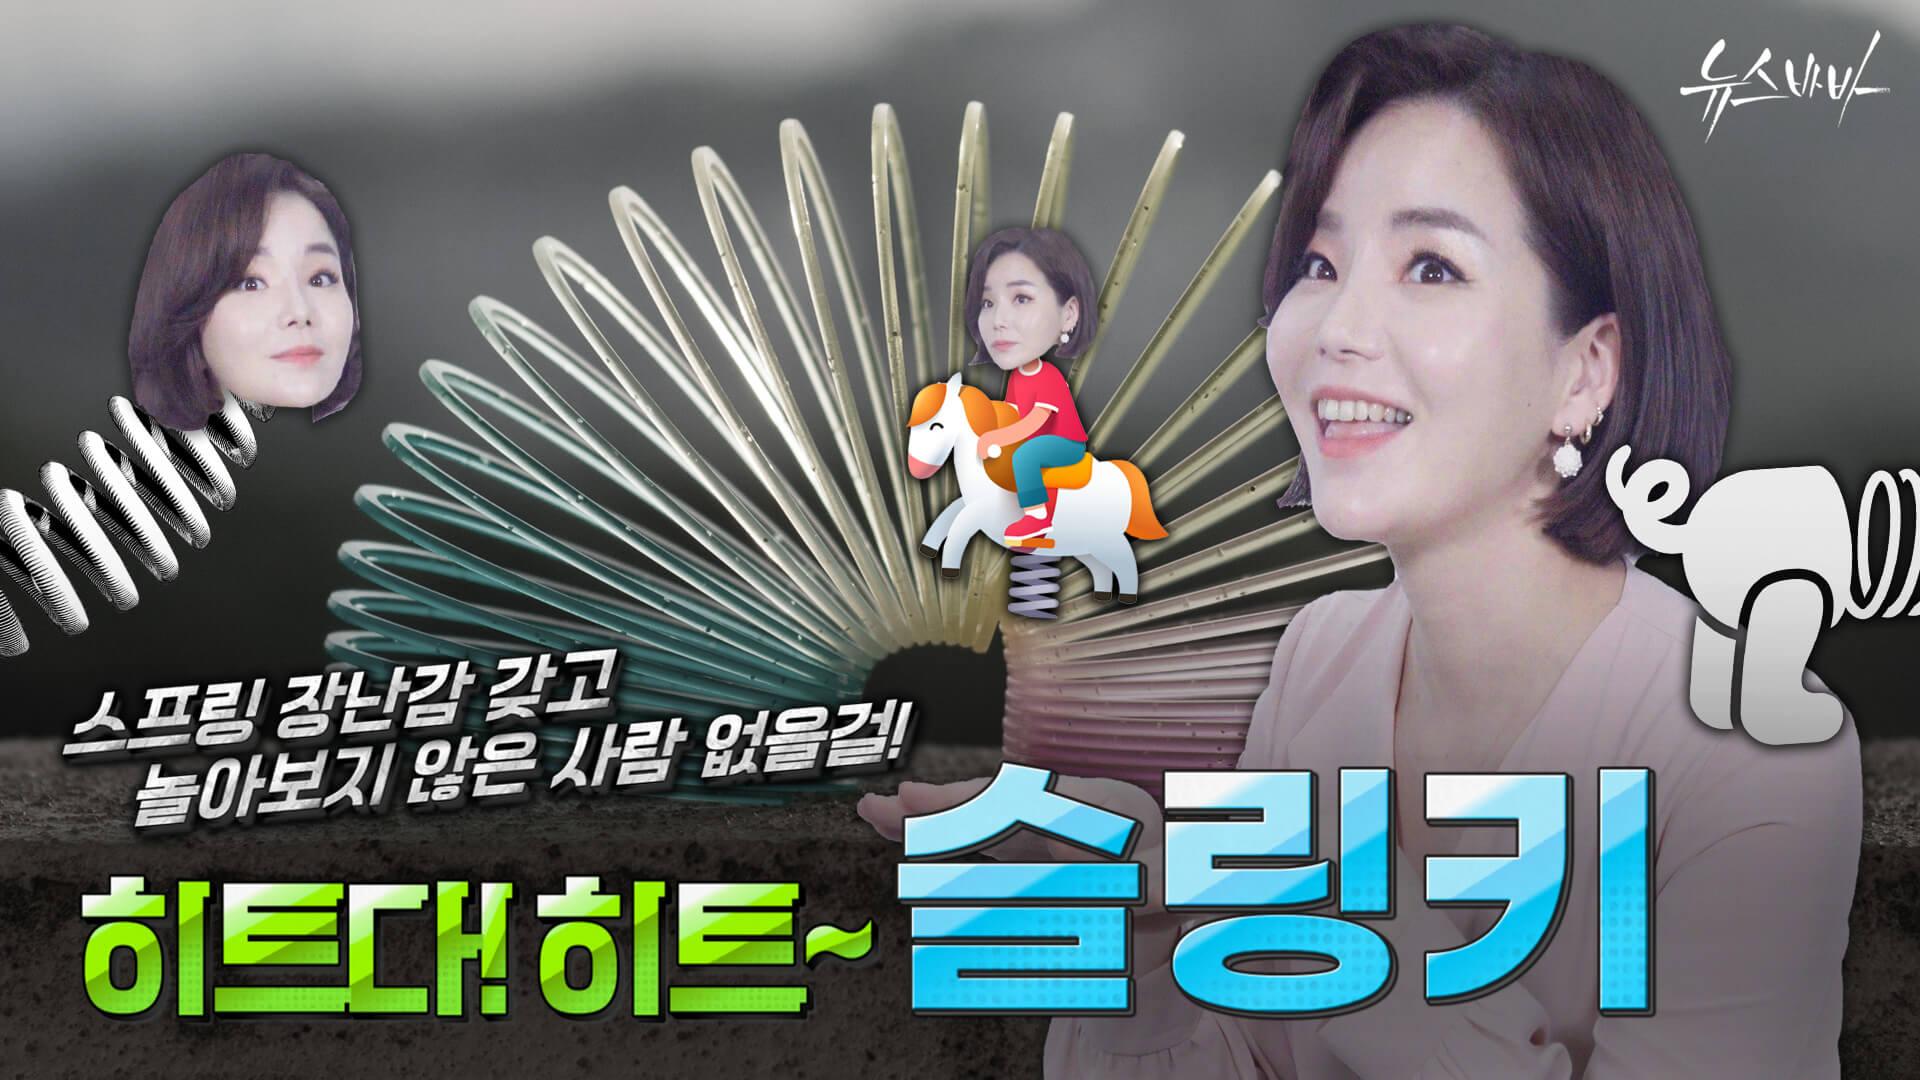 [軍모니 INSIDE] 스프링 장난감